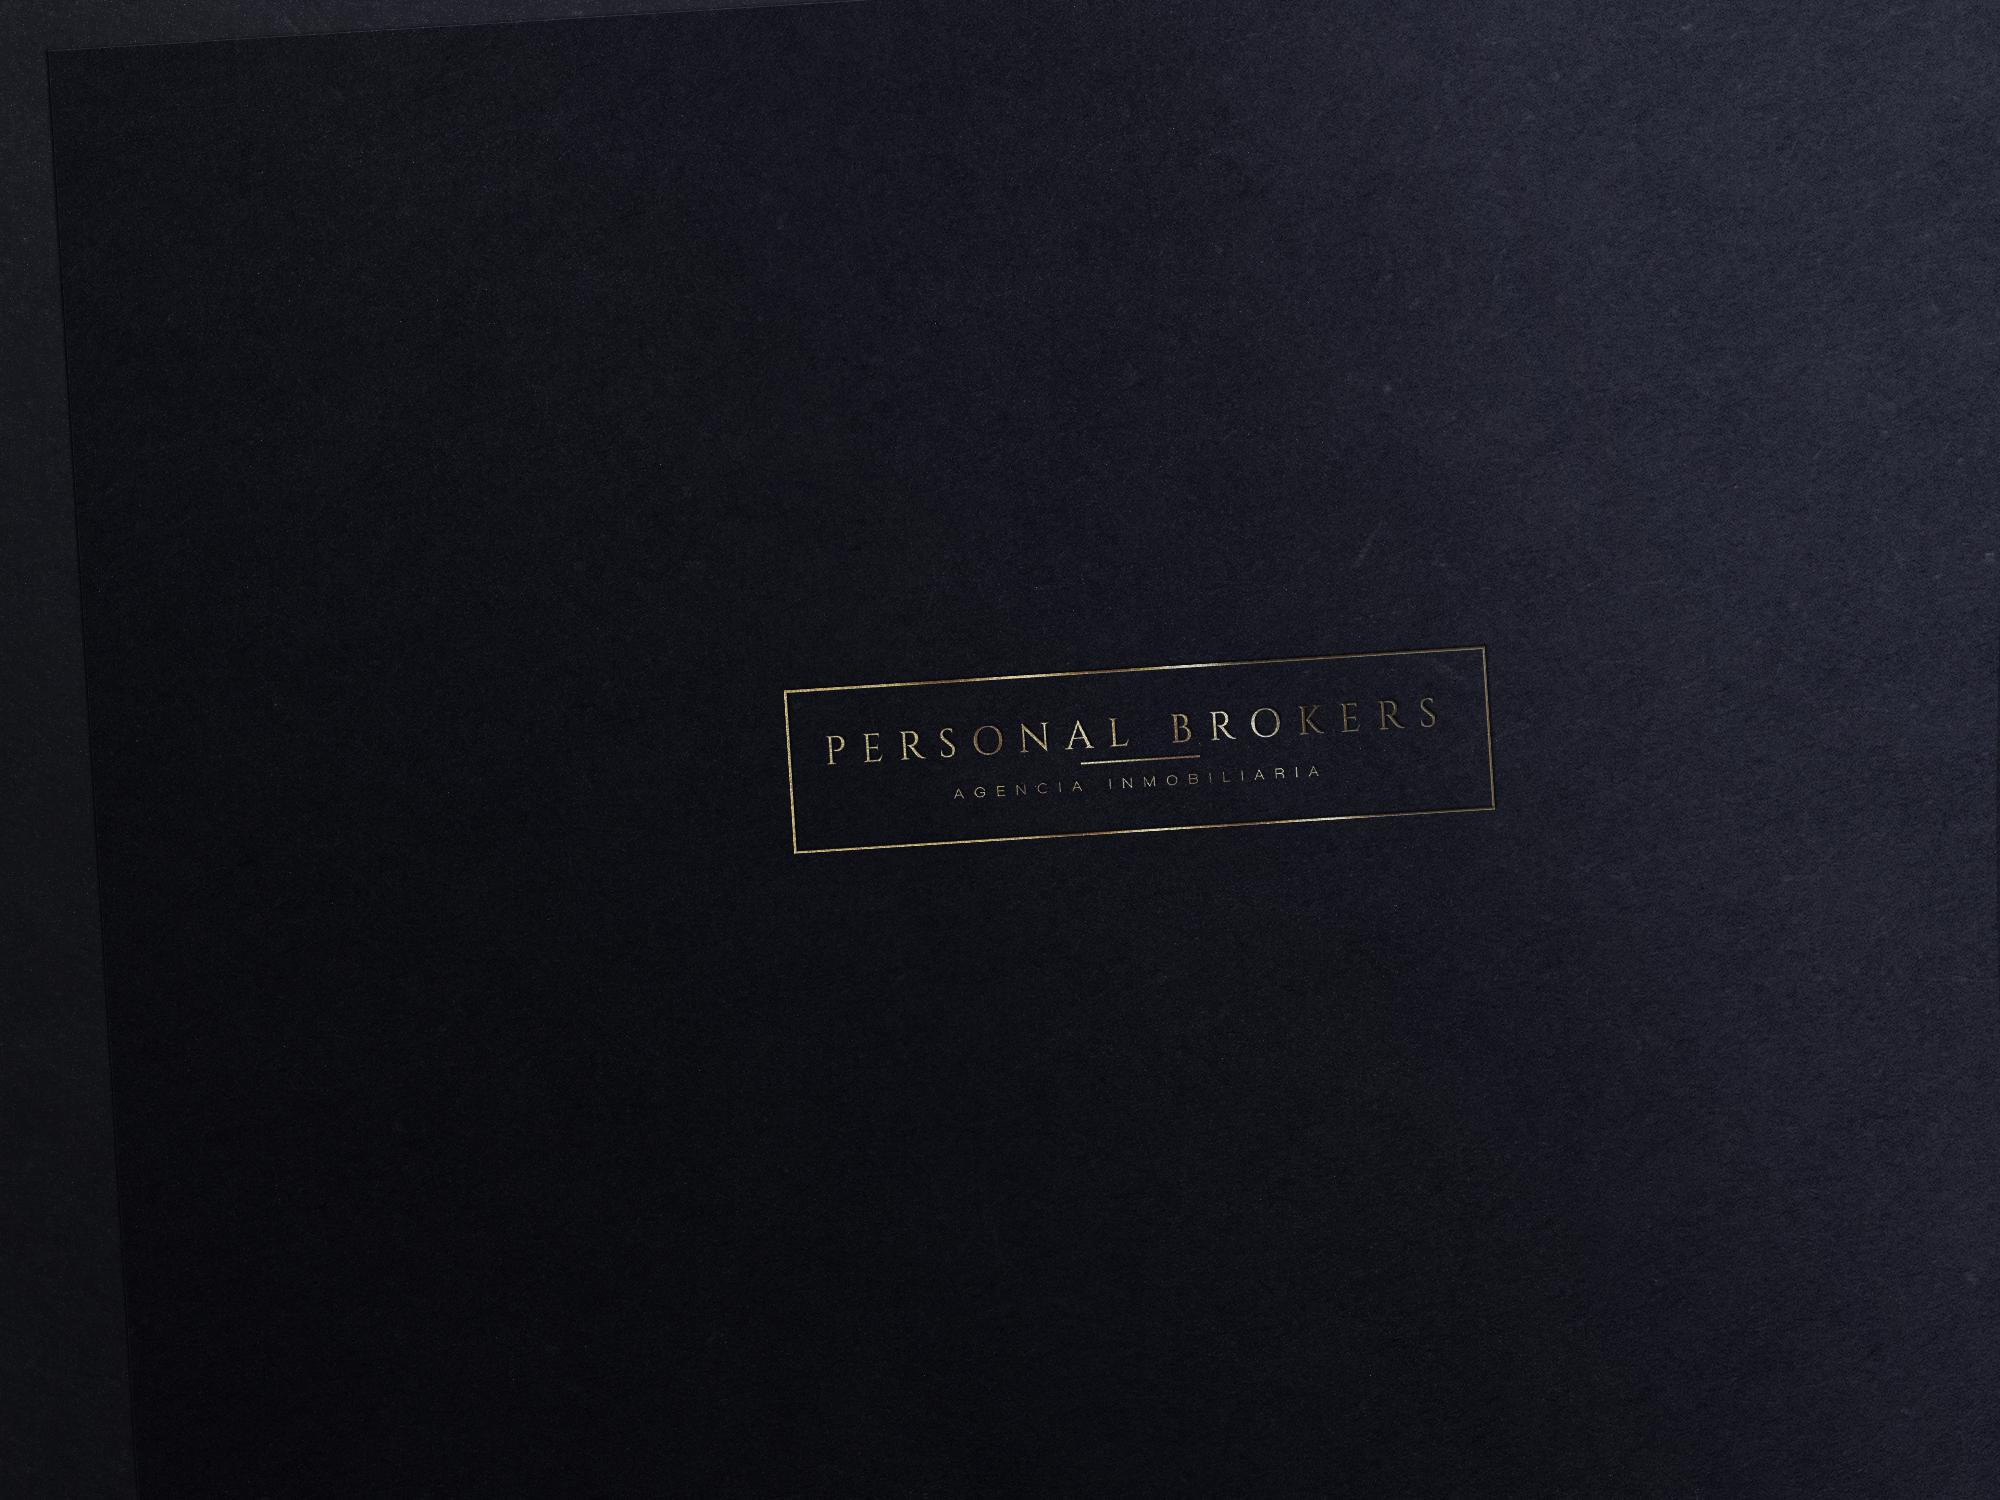 Personal Brokers 2.jpg